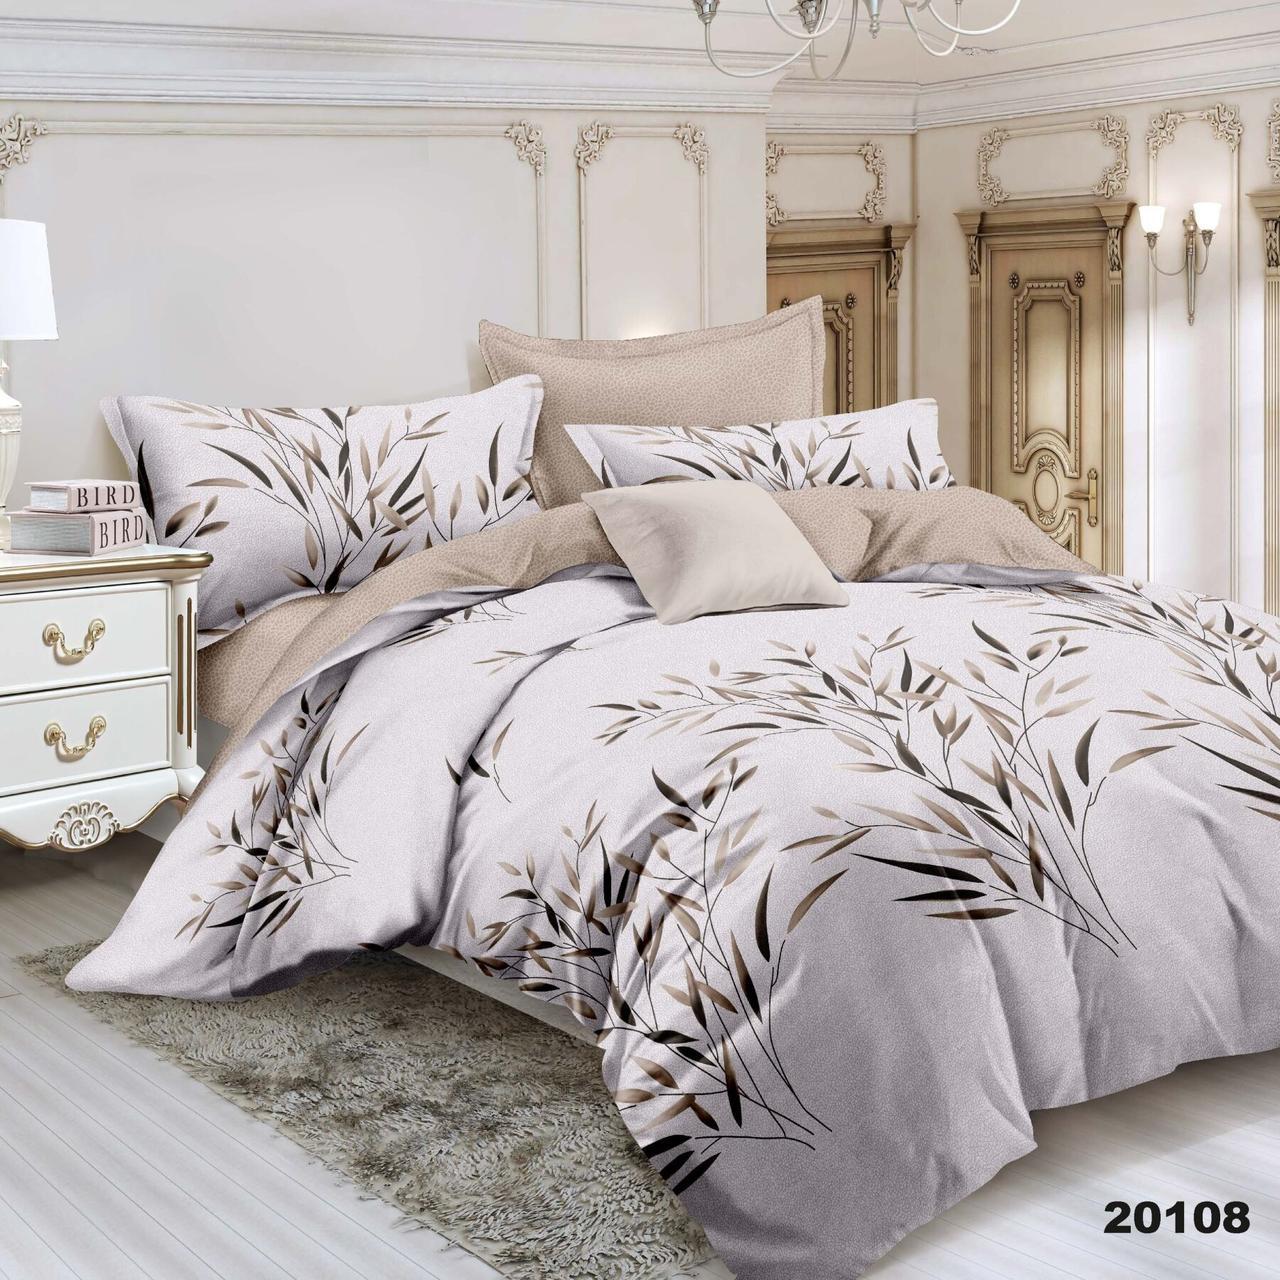 Полуторный Комплект постельного белья Viluta Ранфорс 20108